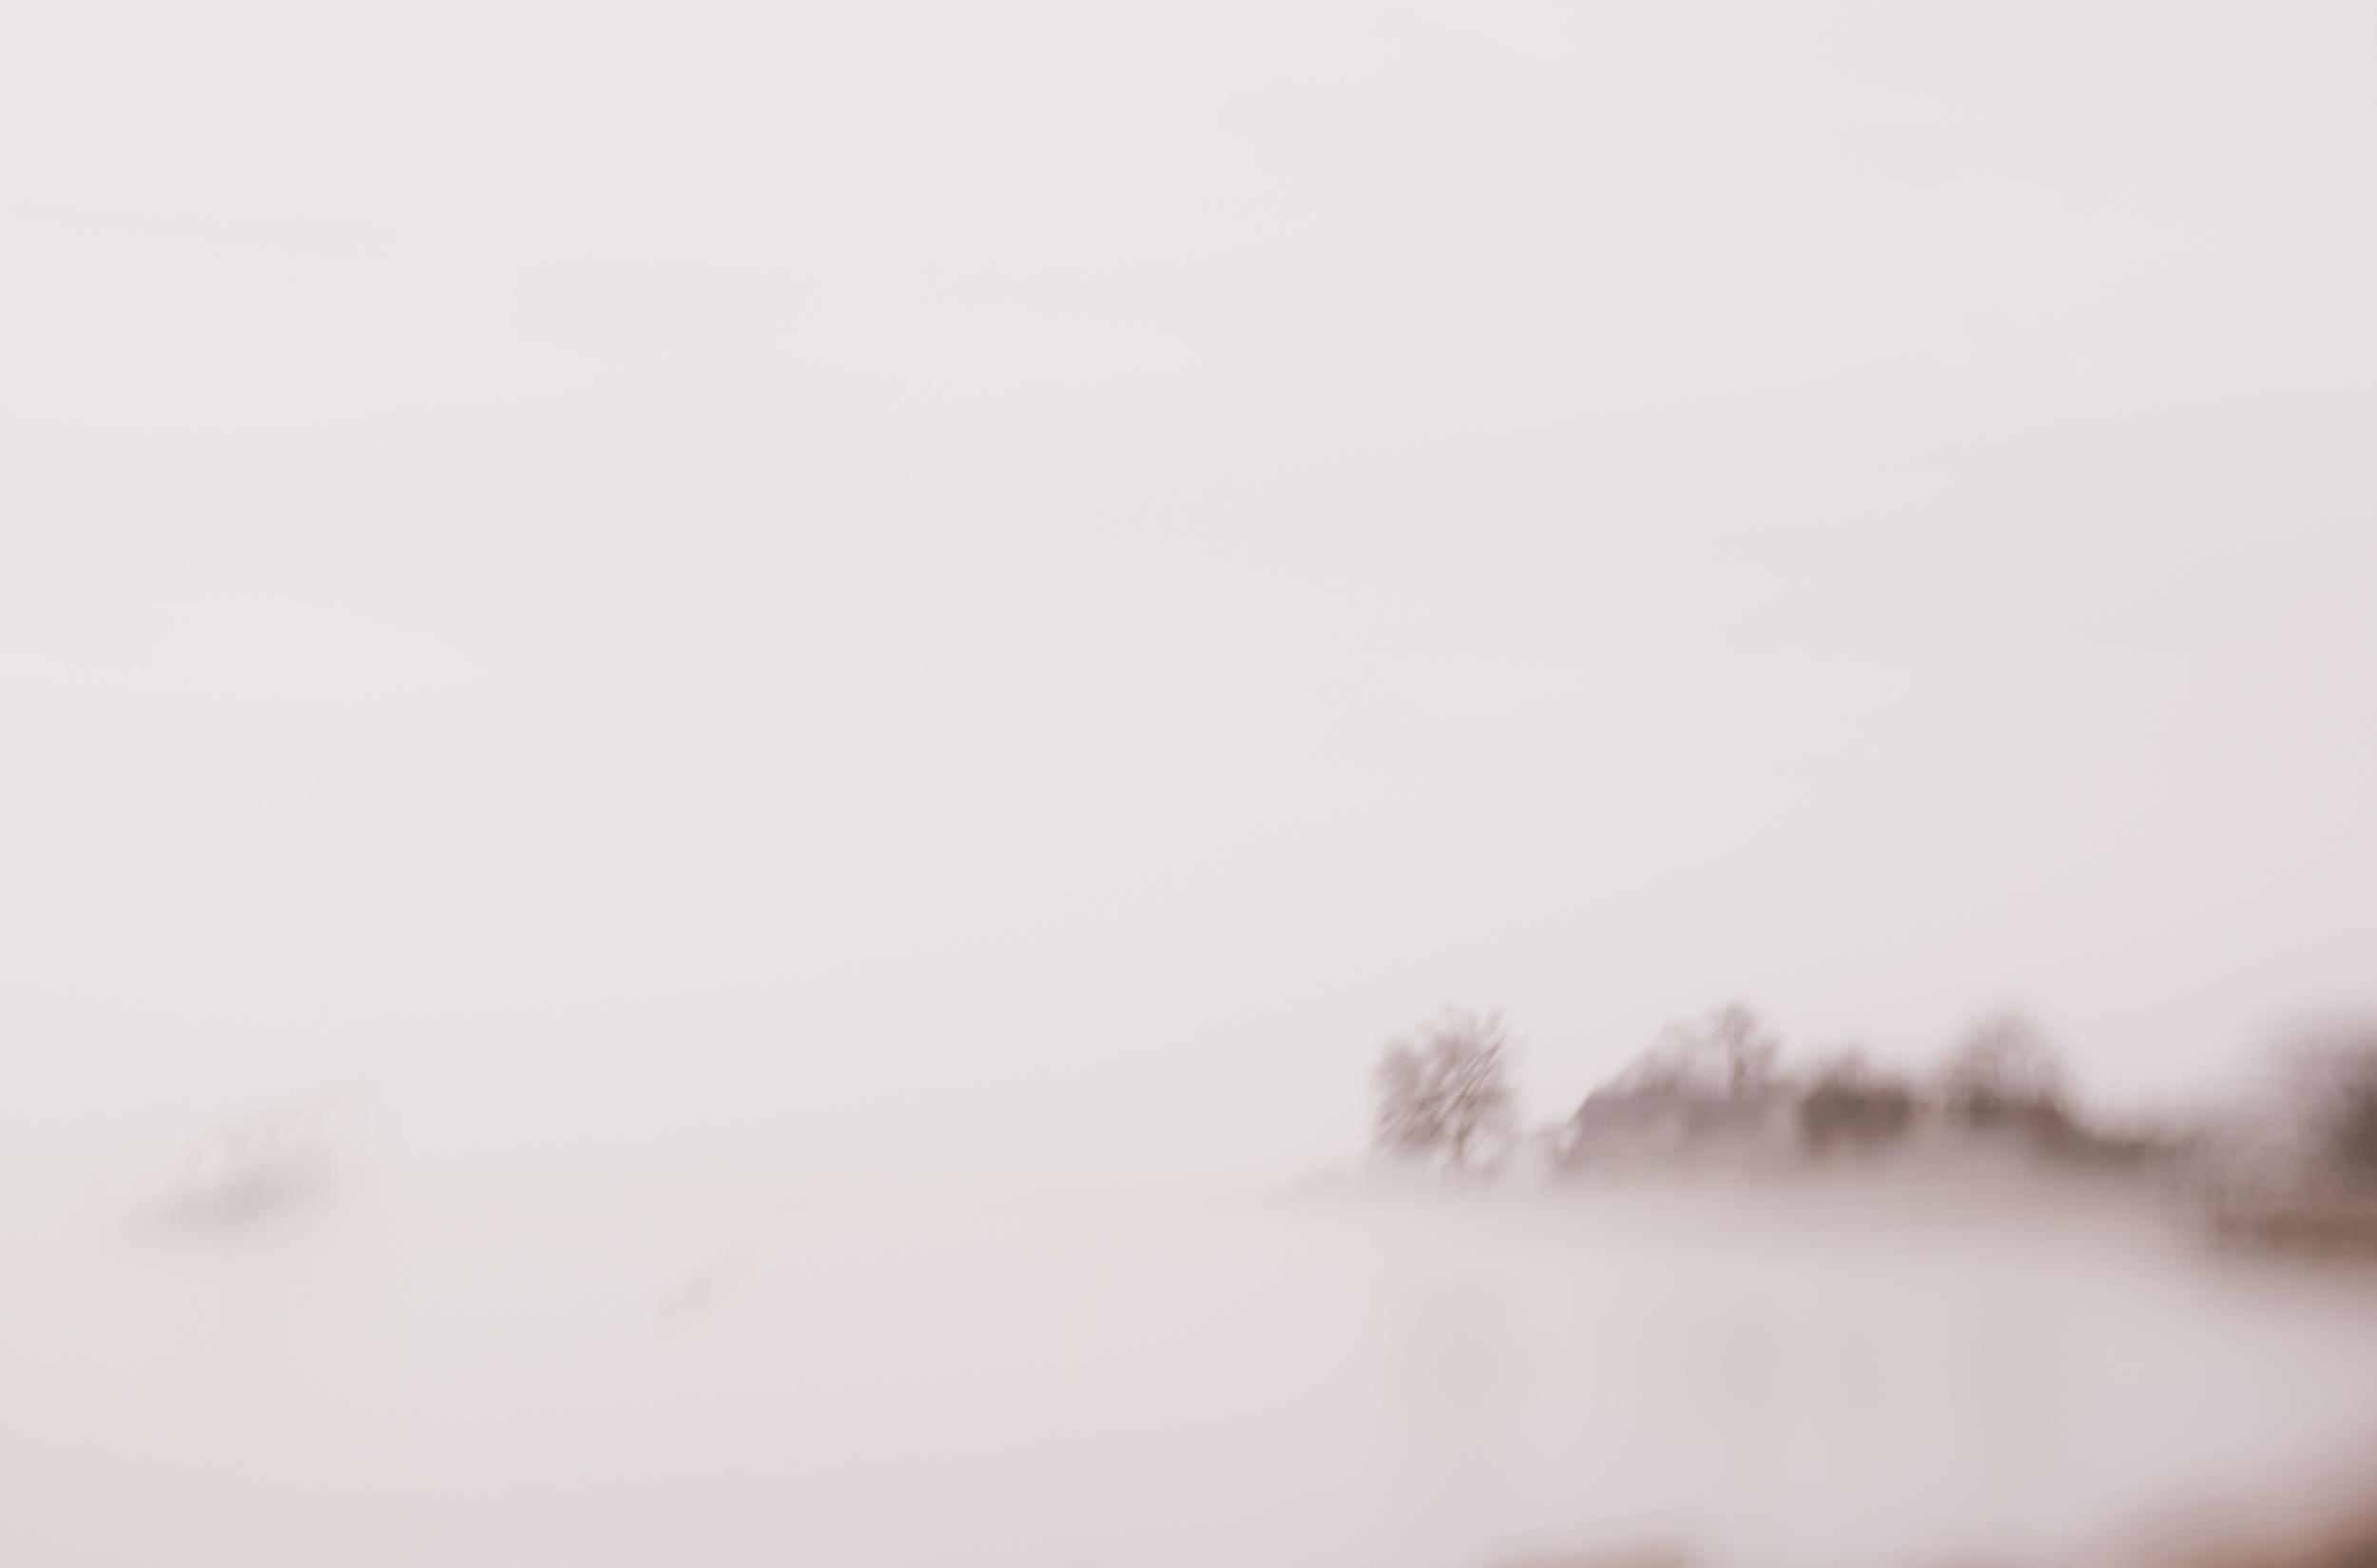 Dreamy Connecticut Landscape